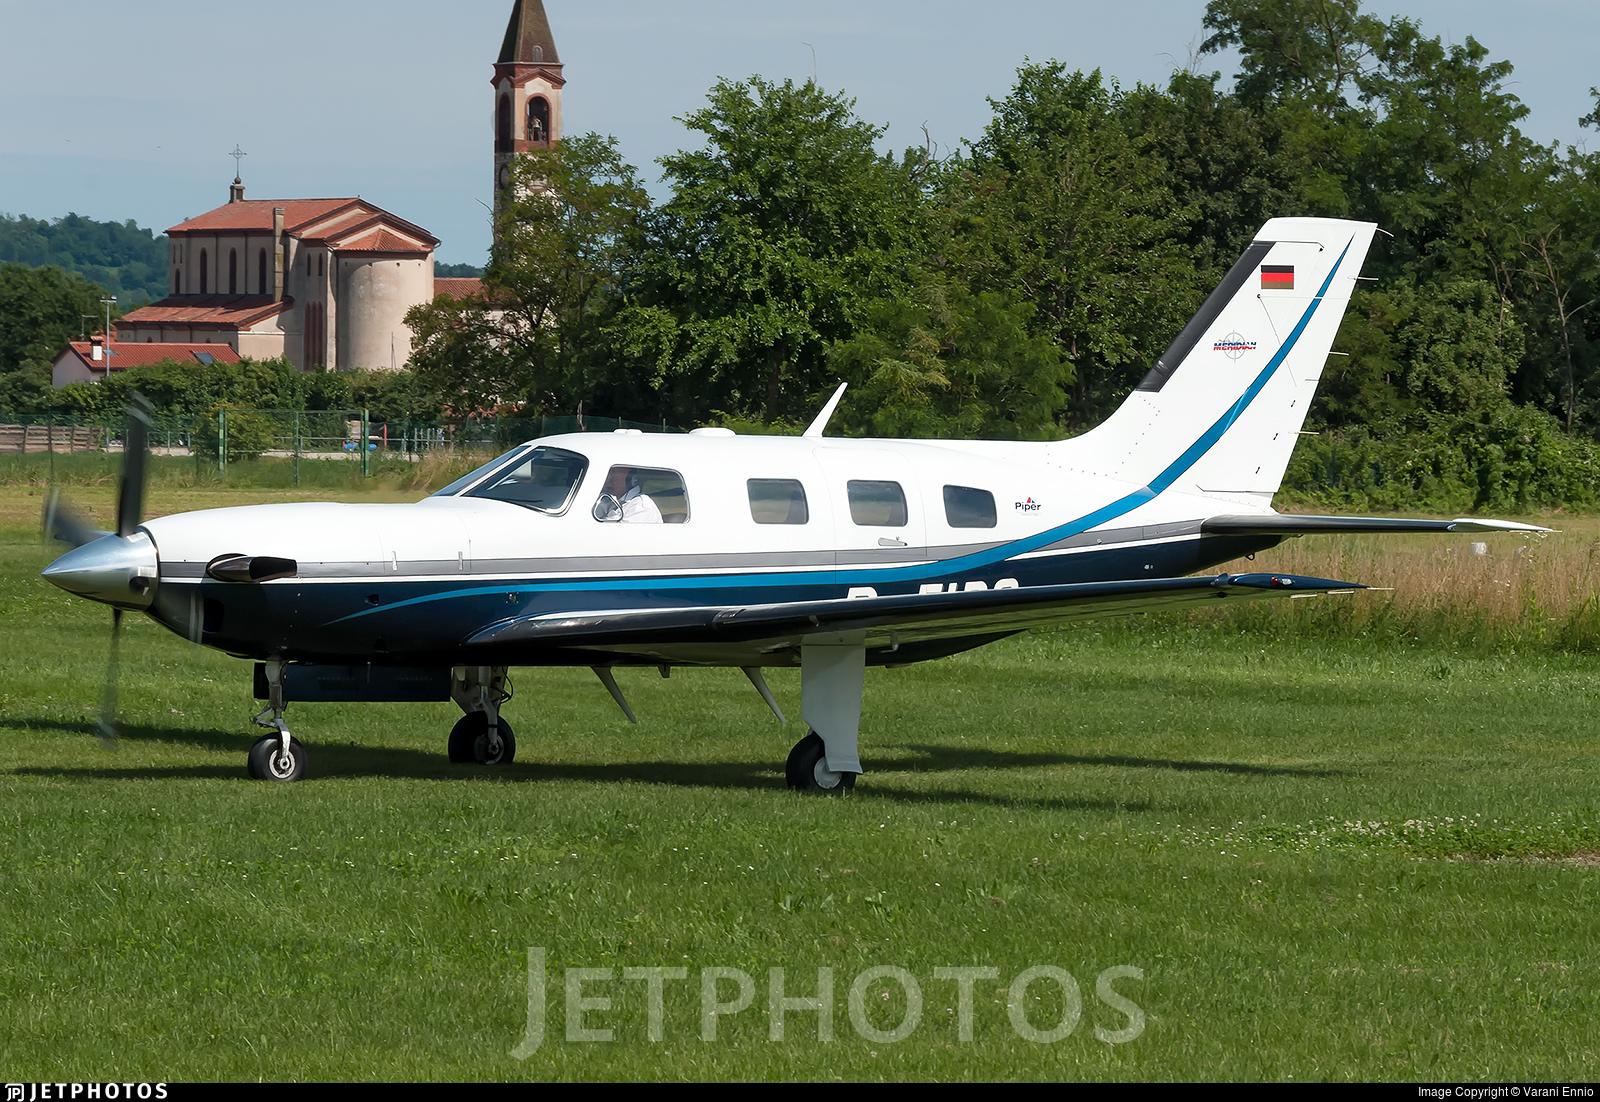 D-FIPO - Piper PA-46-500TP Malibu Meridian - Private